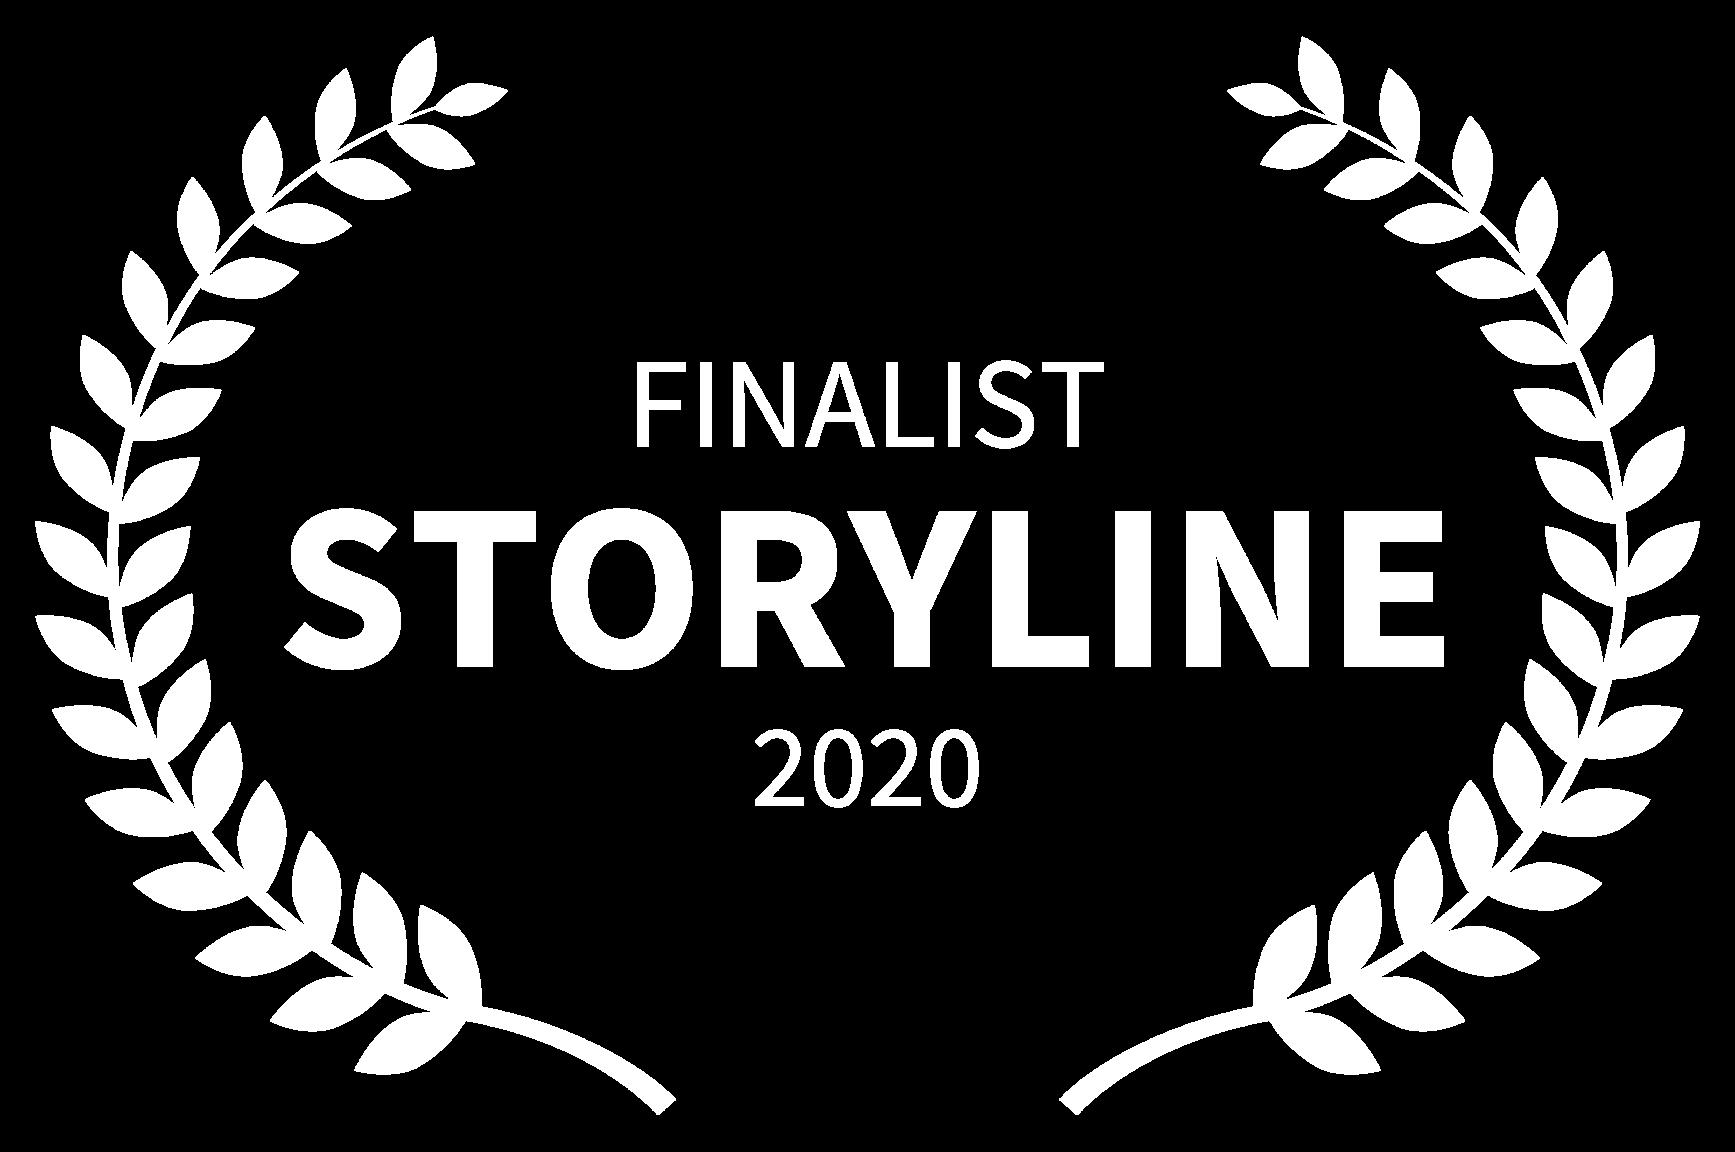 FINALIST - STORYLINE - 2020-1